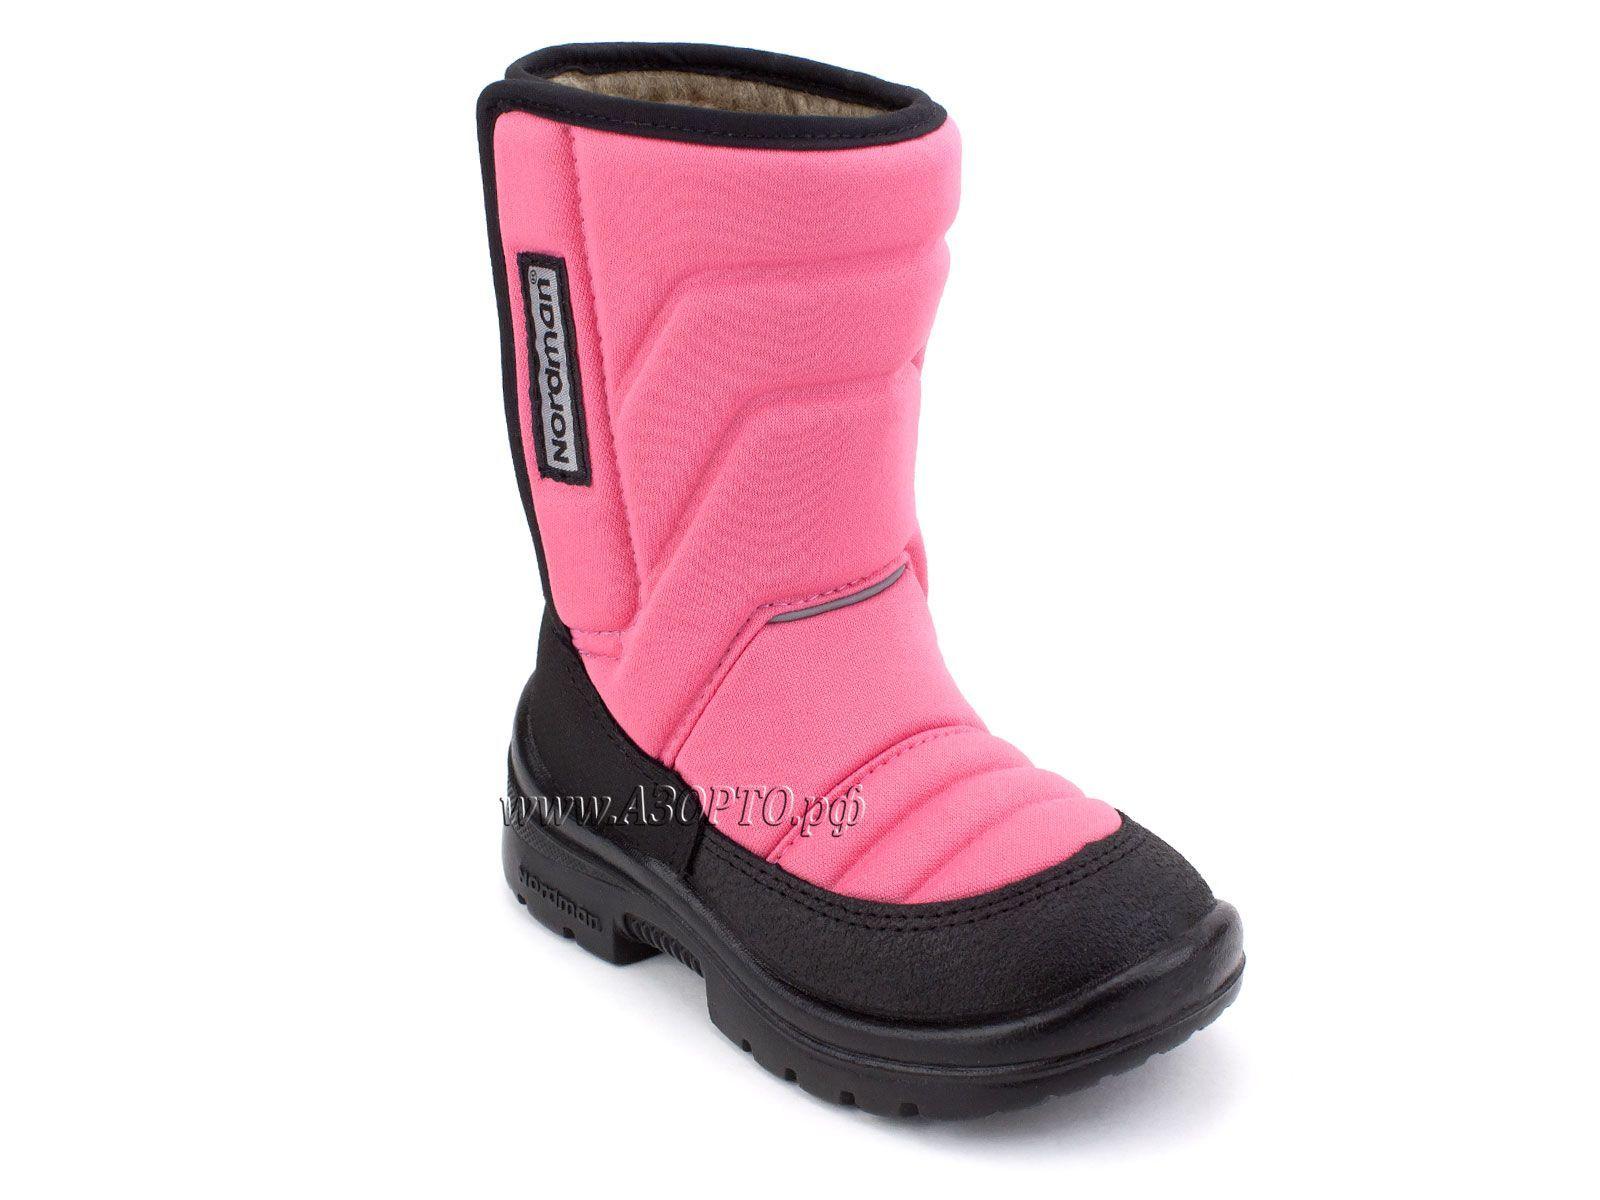 215003-10 Нордман Луми (Nordman Lumi), сапоги детские зимние, розовый,  текстиль, шерсть aaec2af9328